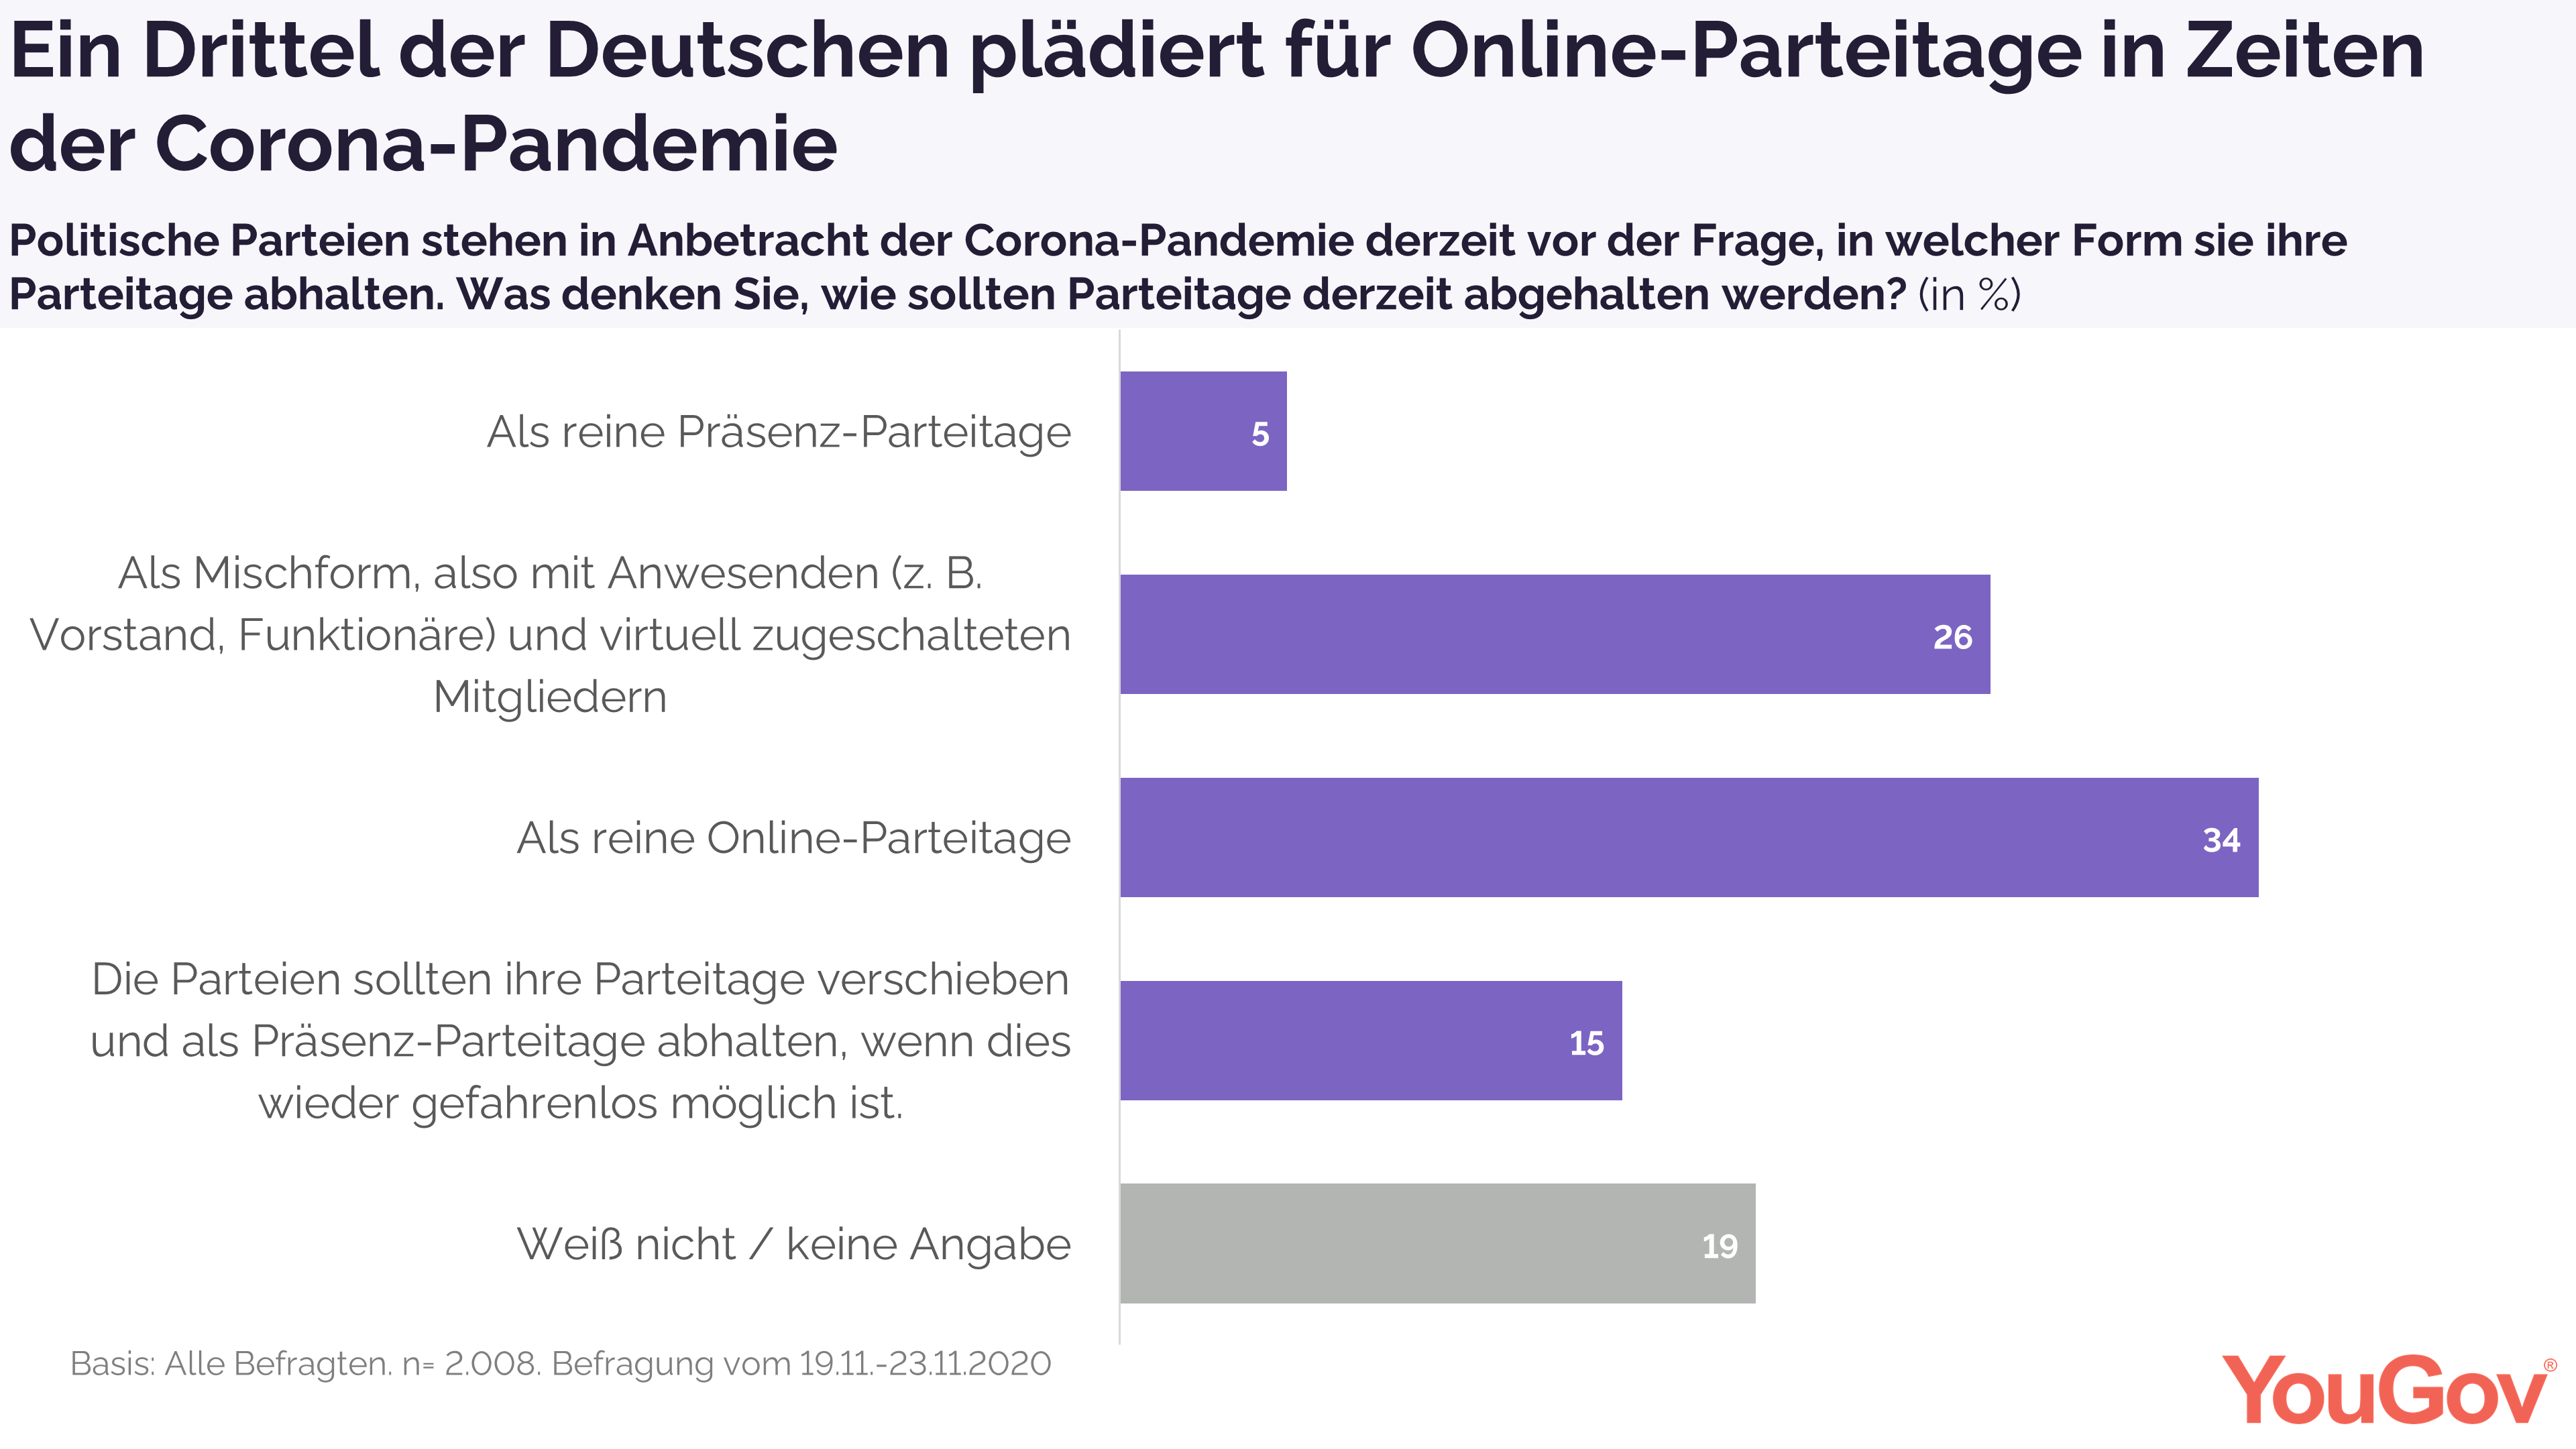 Ein Drittel ist für Online-Parteitage